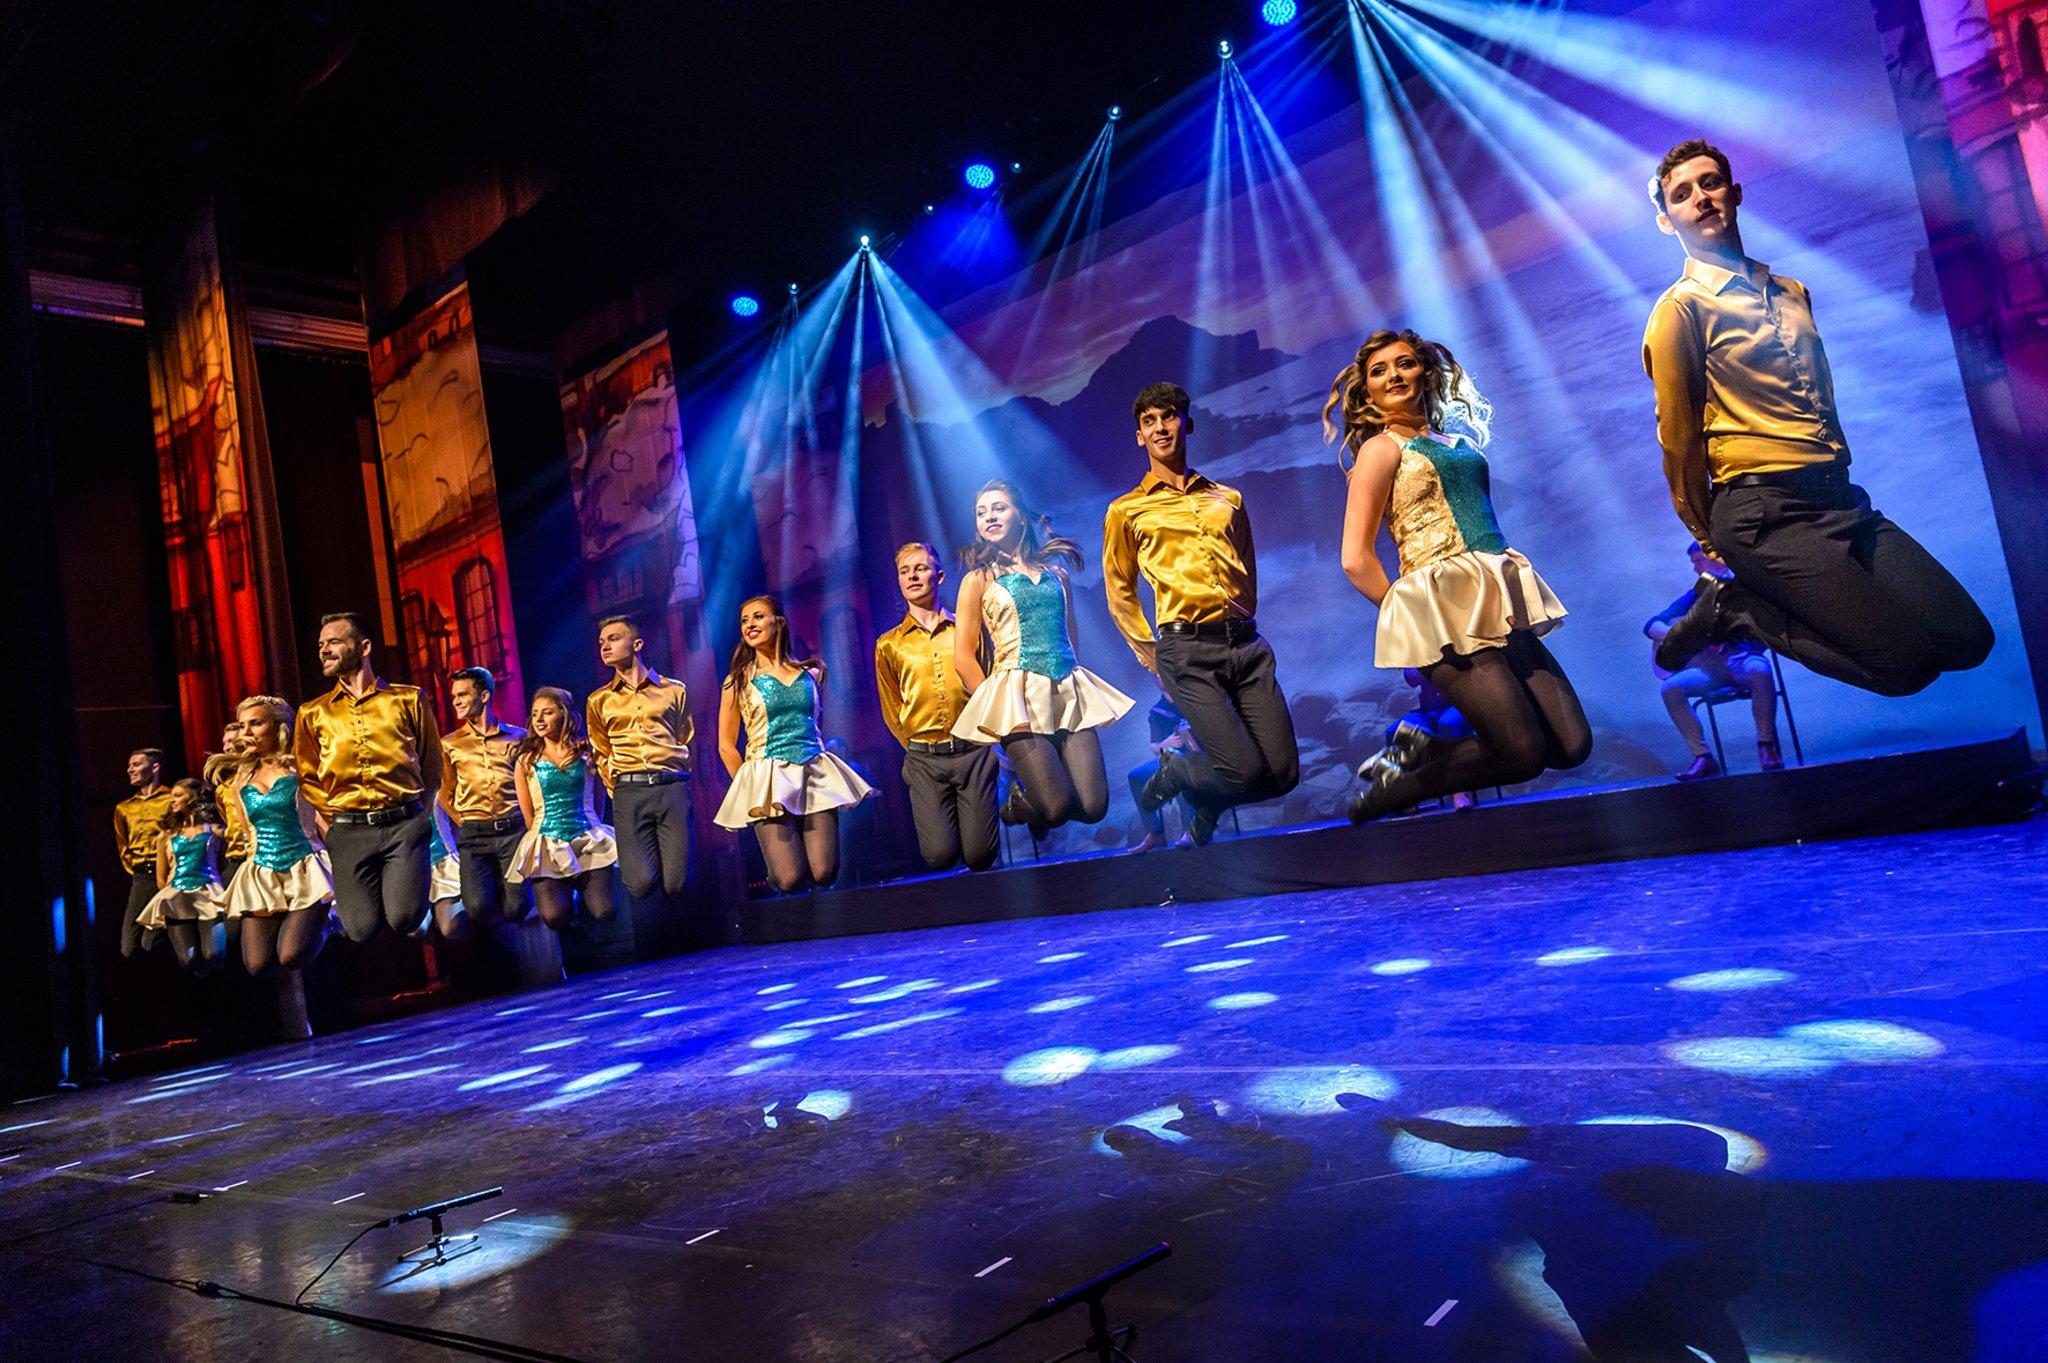 20-jähriges Jubiläum von Rhythm of the Dance: Irische Steppkunst in Hilden - Hilden - Lokalkompass.de